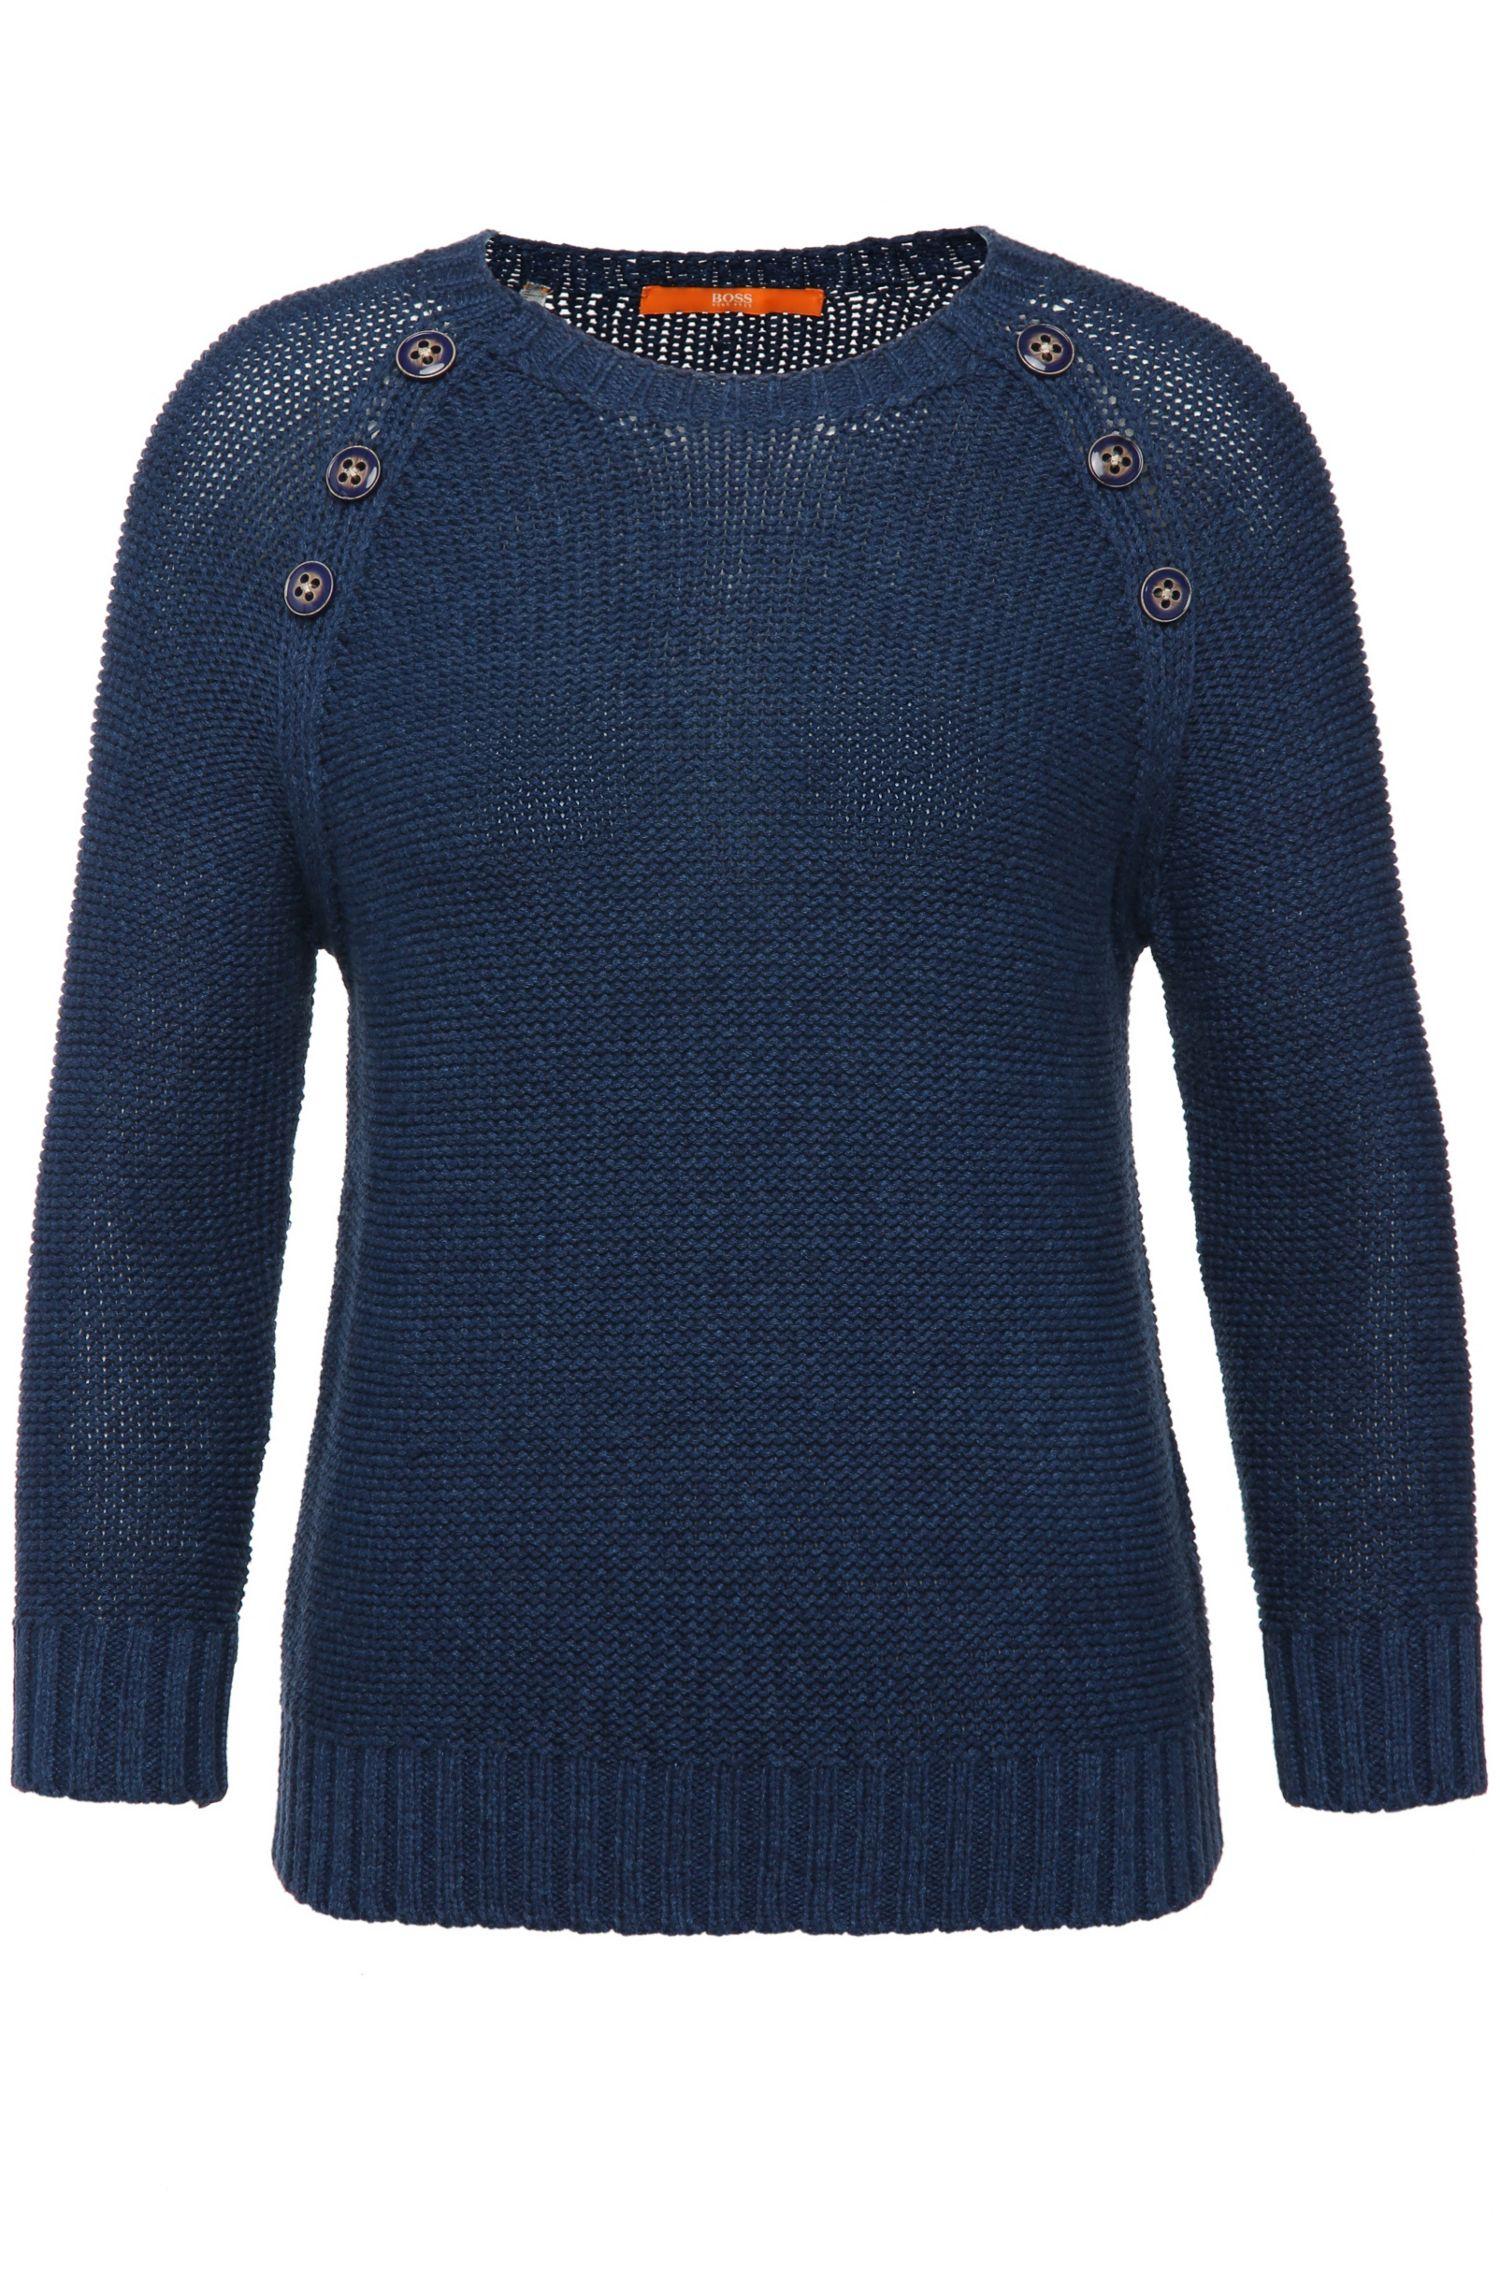 Regular-fit gebreide trui van katoen met sierknopen: 'Wonia'